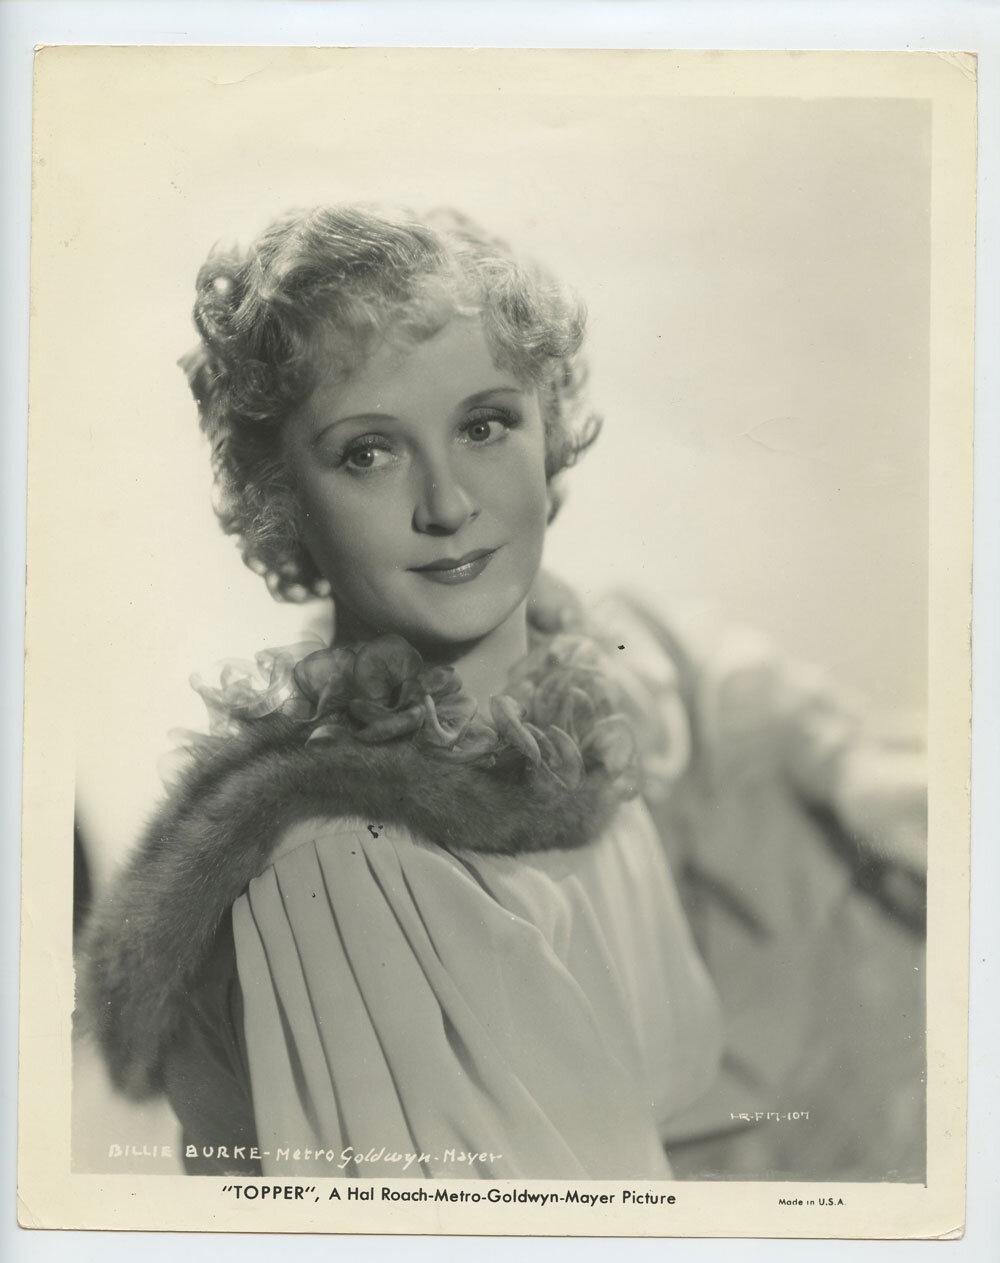 Billie Burke Photograph 1937 Topper Original Vintage